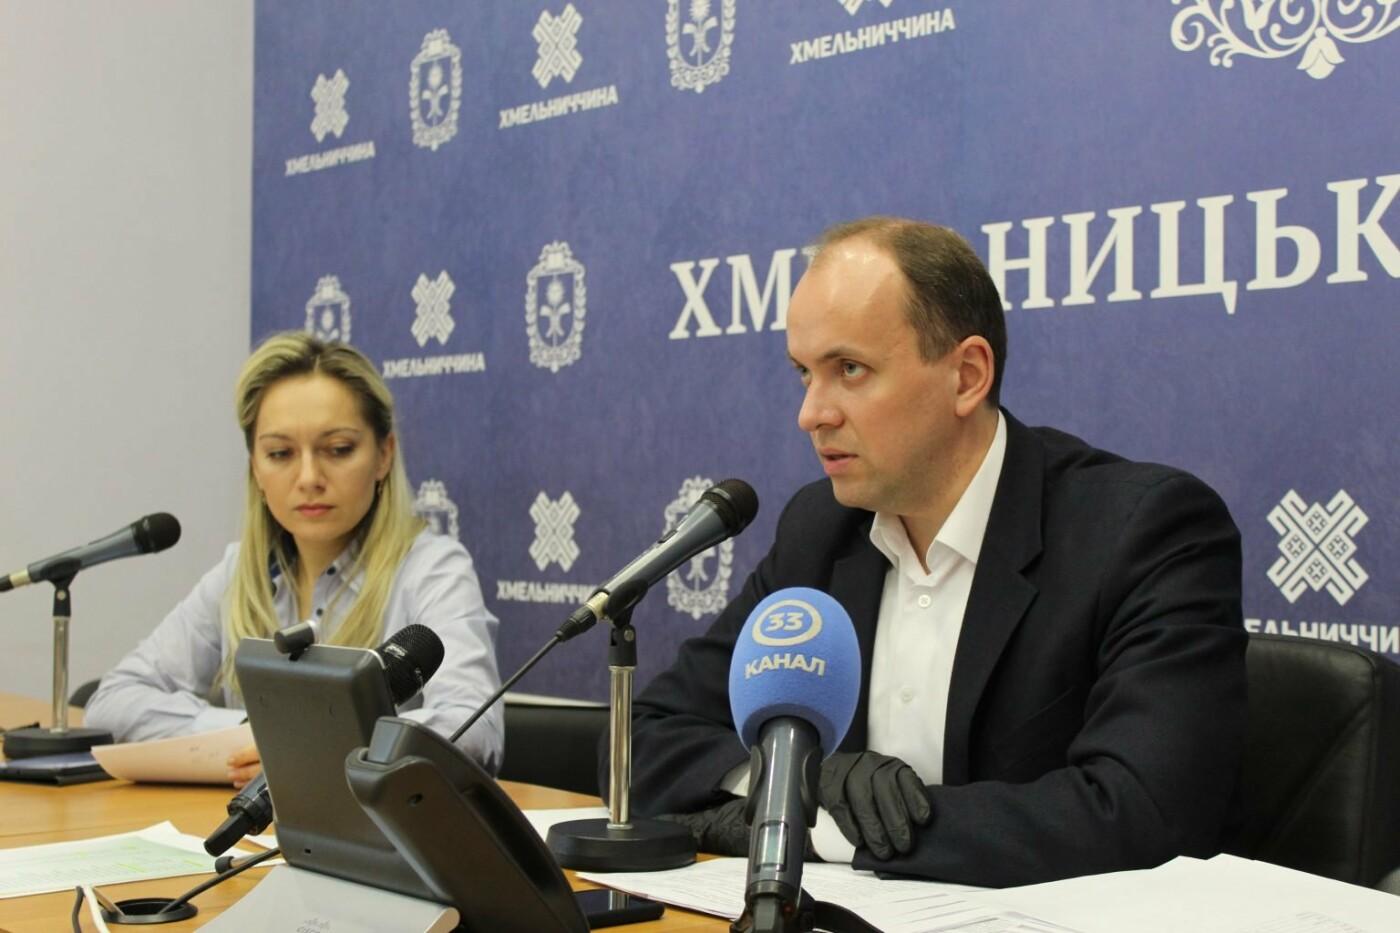 У Хмельницькій області 10 підтверджених випадків коронавірусної інфекції, фото-1, Фото: Хмельницька ОДА